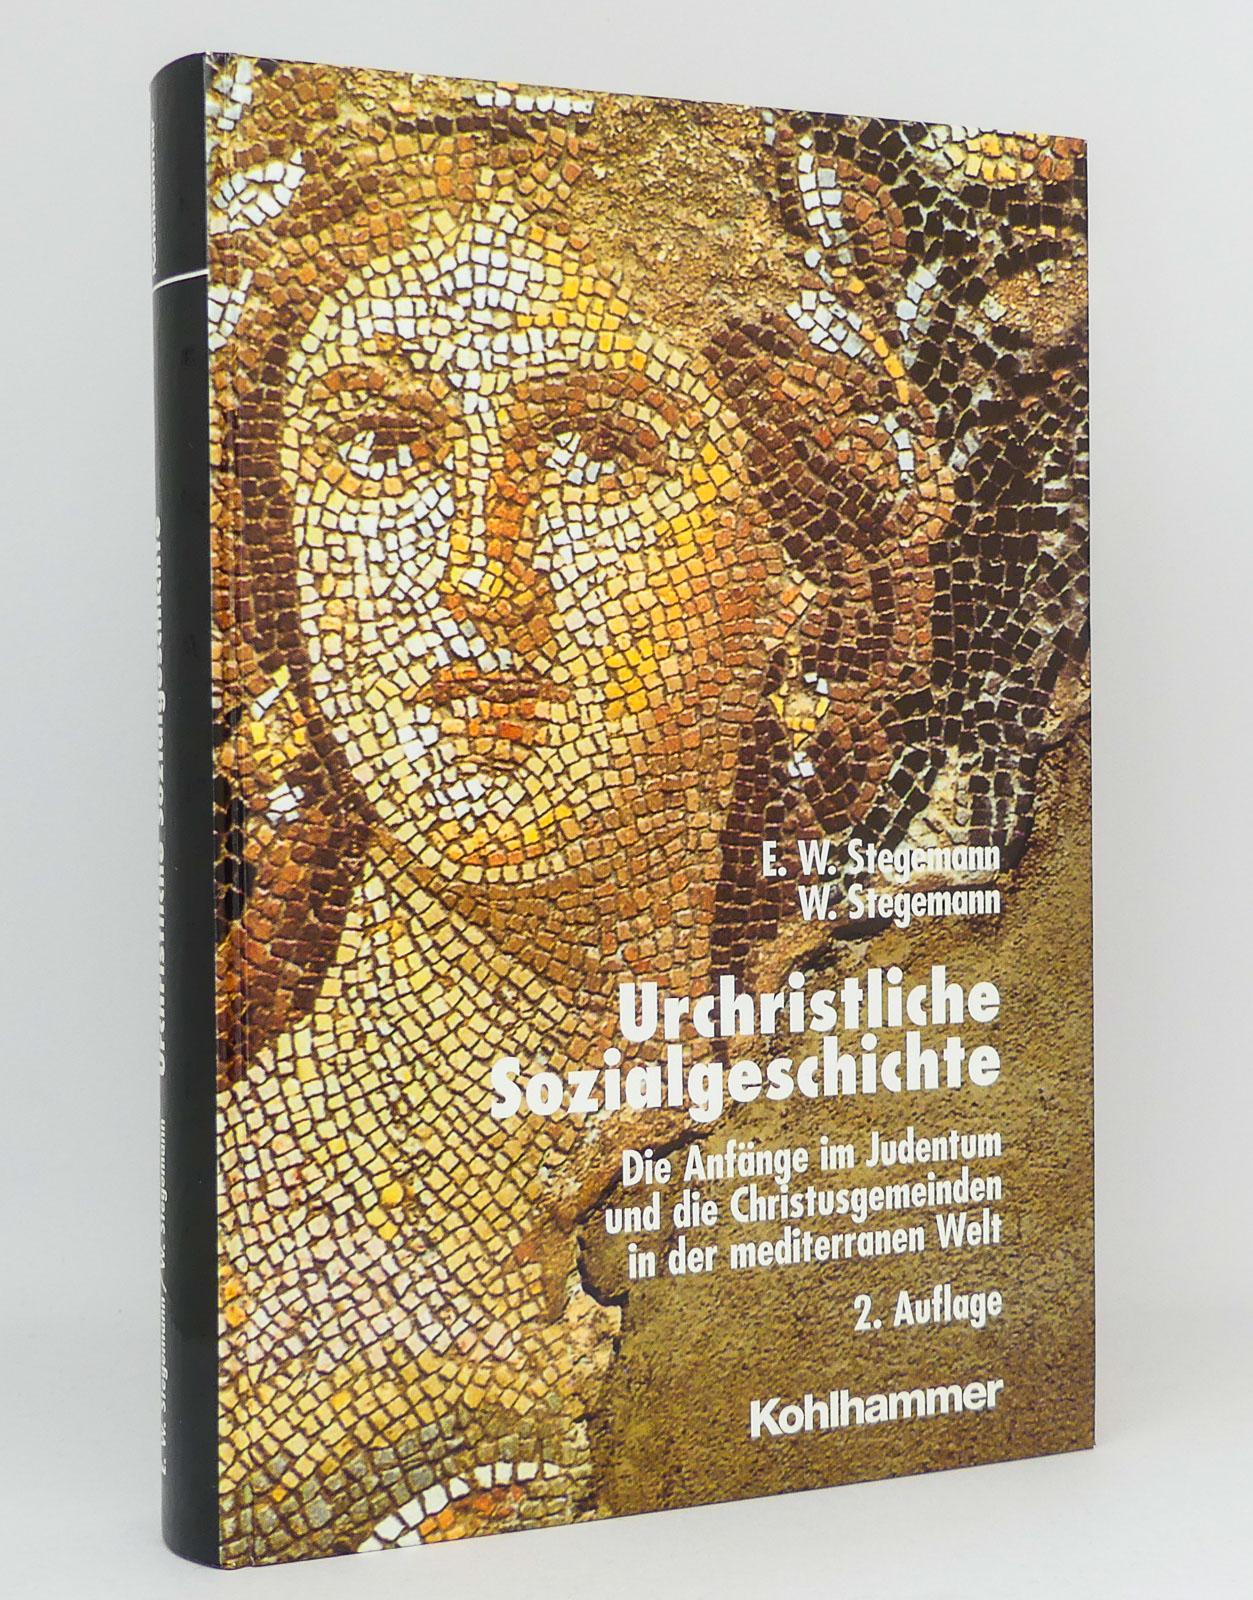 Urchristliche Sozialgeschichte : Die Anfänge im Judentum und die Christusgemeinden in der mediterranen Welt - Stegemann, Ekkehard W. Stegemann, Wolfgang